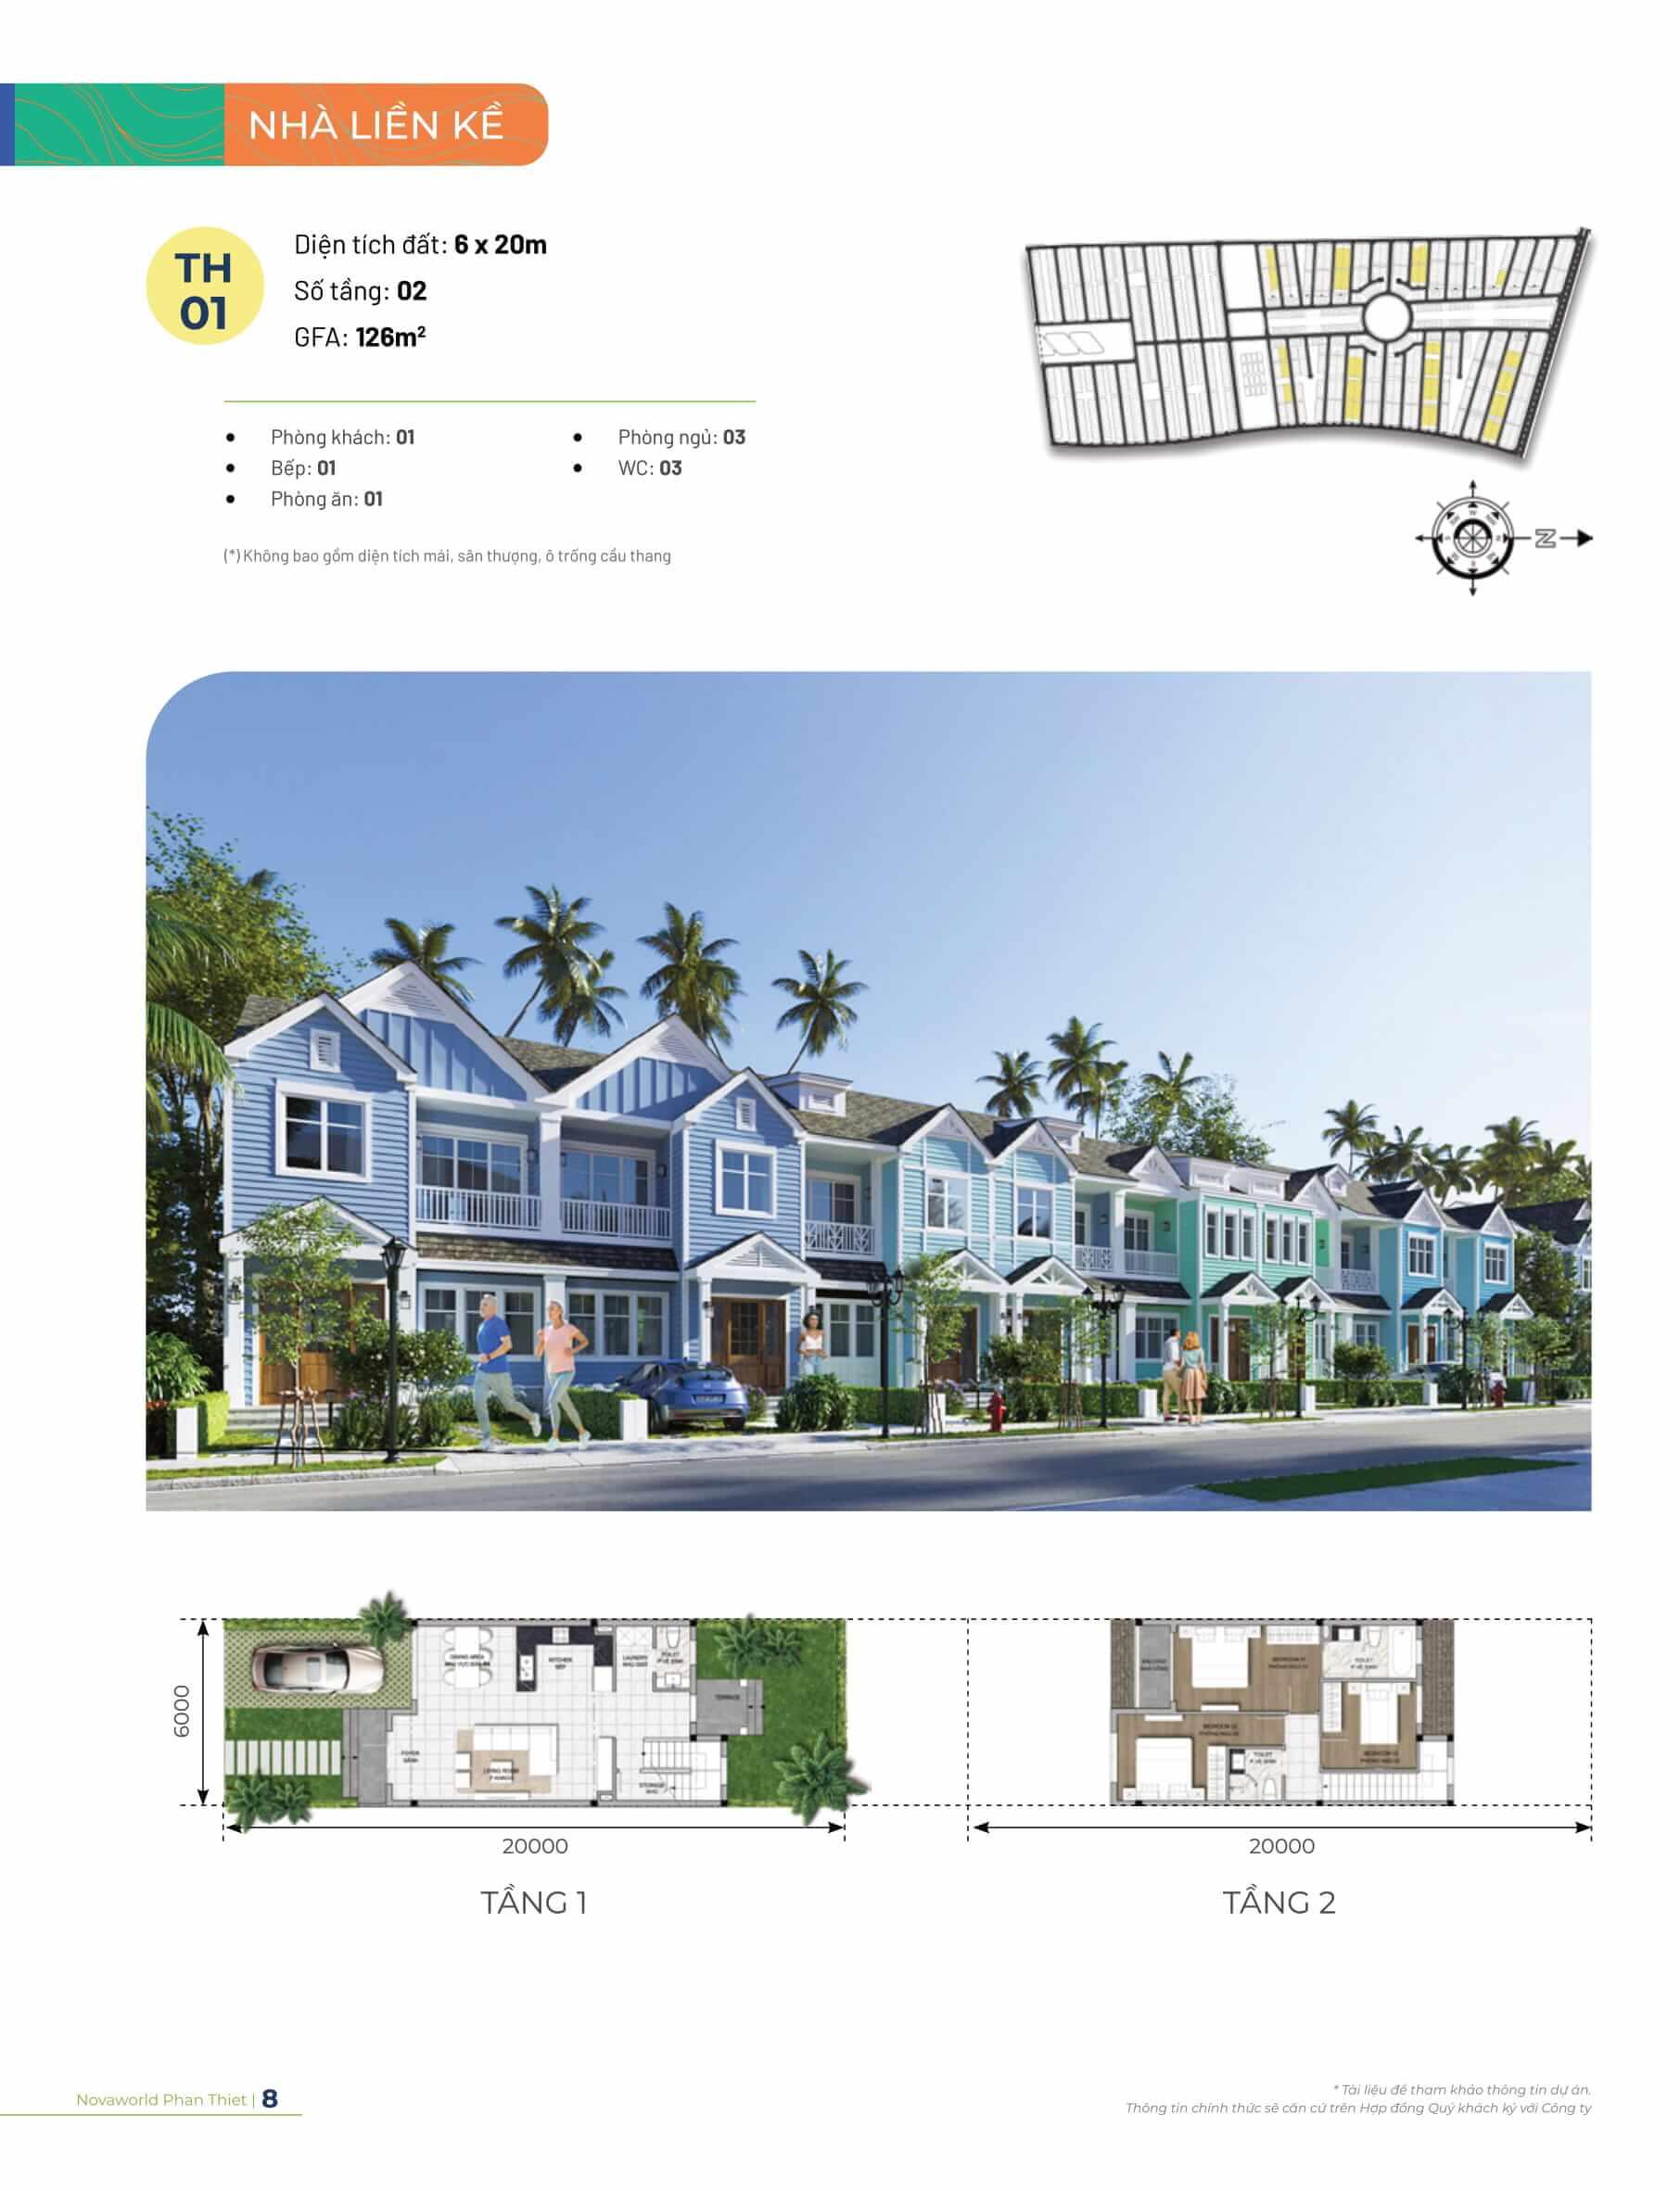 Mat-bang-tang-thiet-ket-ban-ve-Townhouse-nha-pho-lien-ke-phan-khu-4-novaworld-phan-thiet-dien-tich-6x20